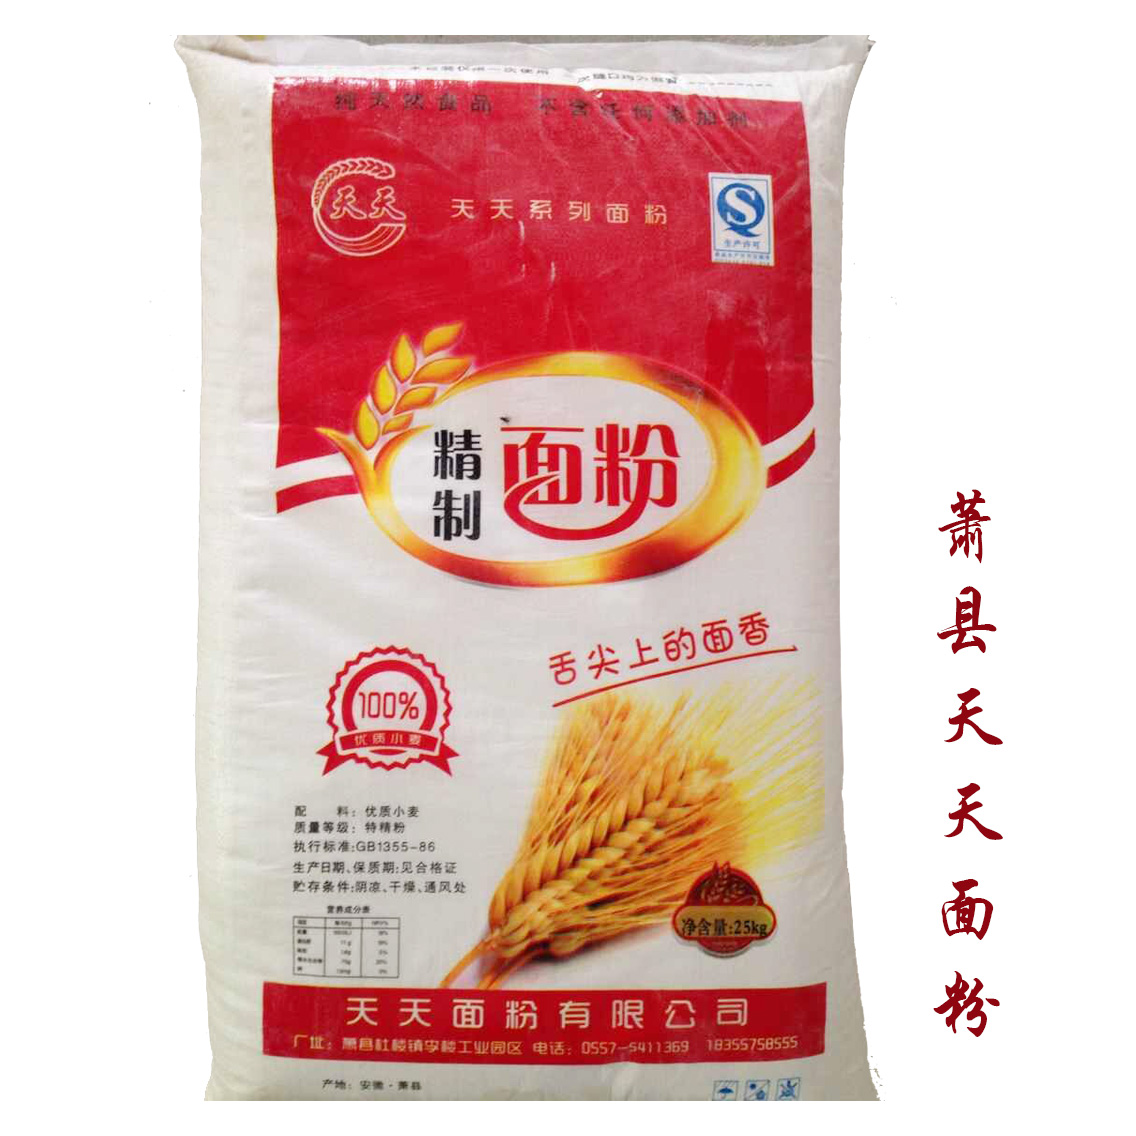 安徽萧县天天面粉 全麦面粉